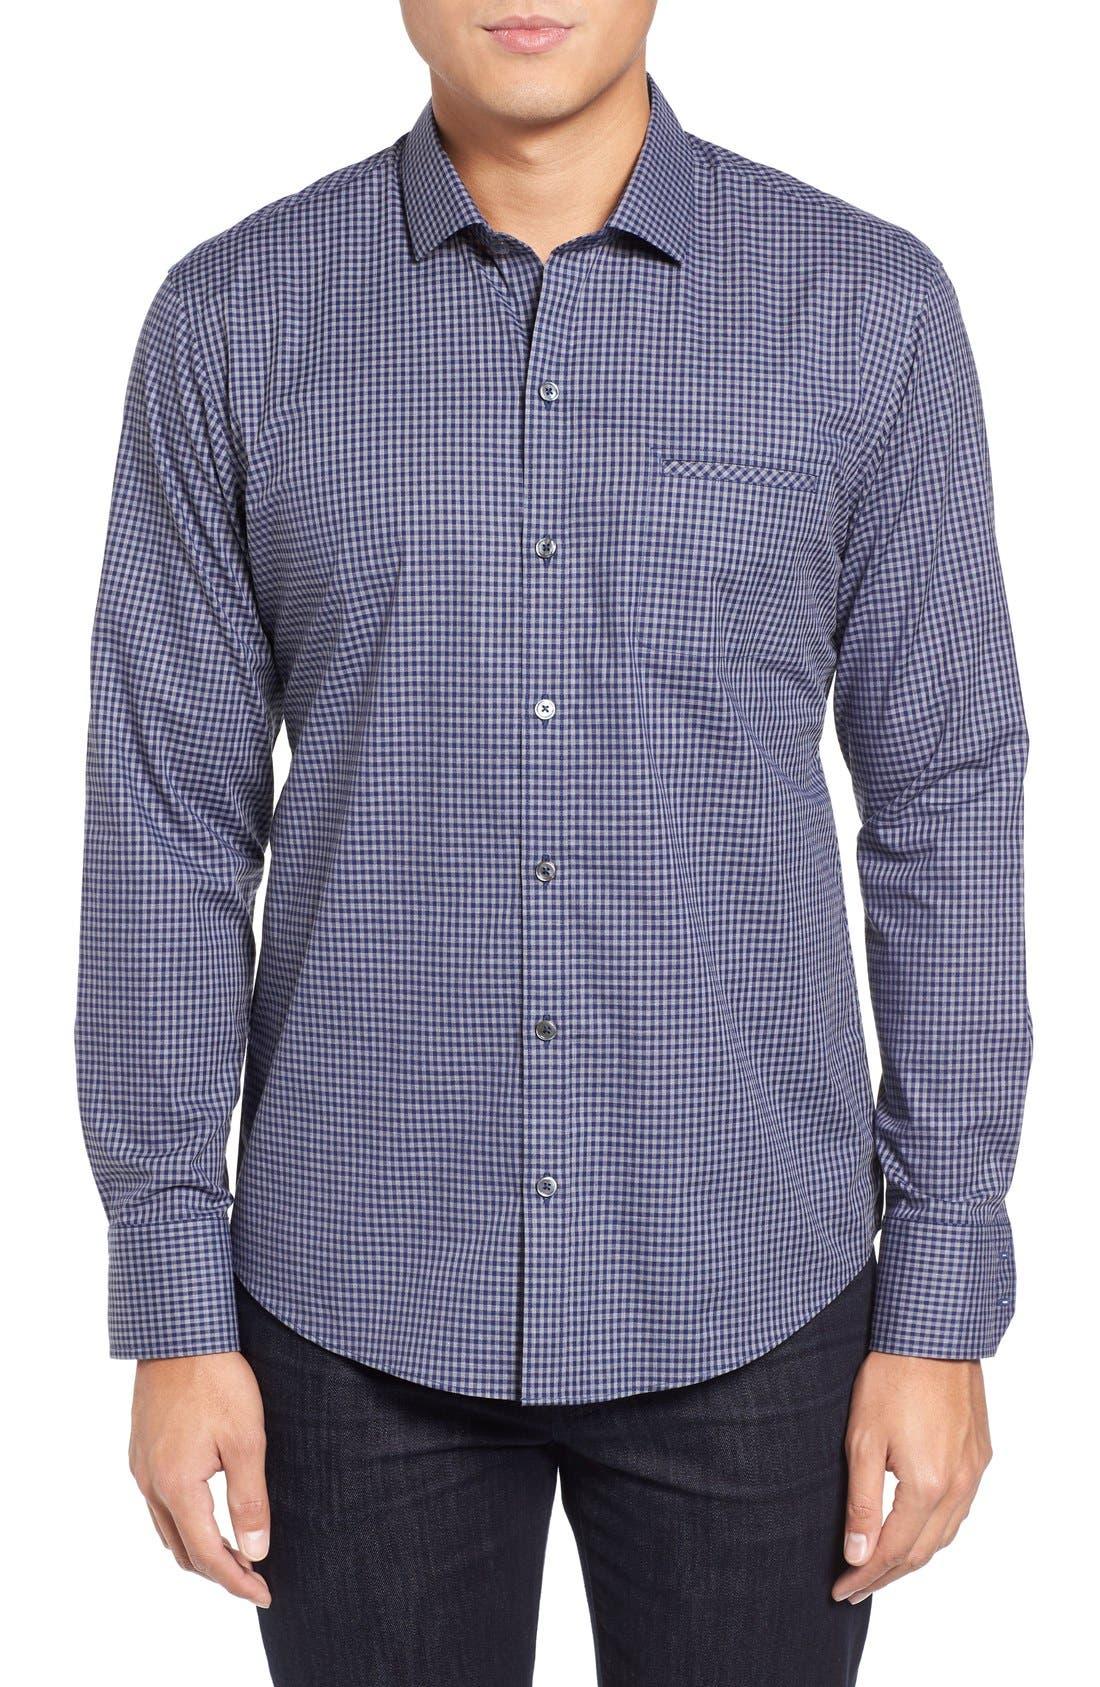 Fitzpatrick Trim Fit Sport Shirt,                         Main,                         color, 400